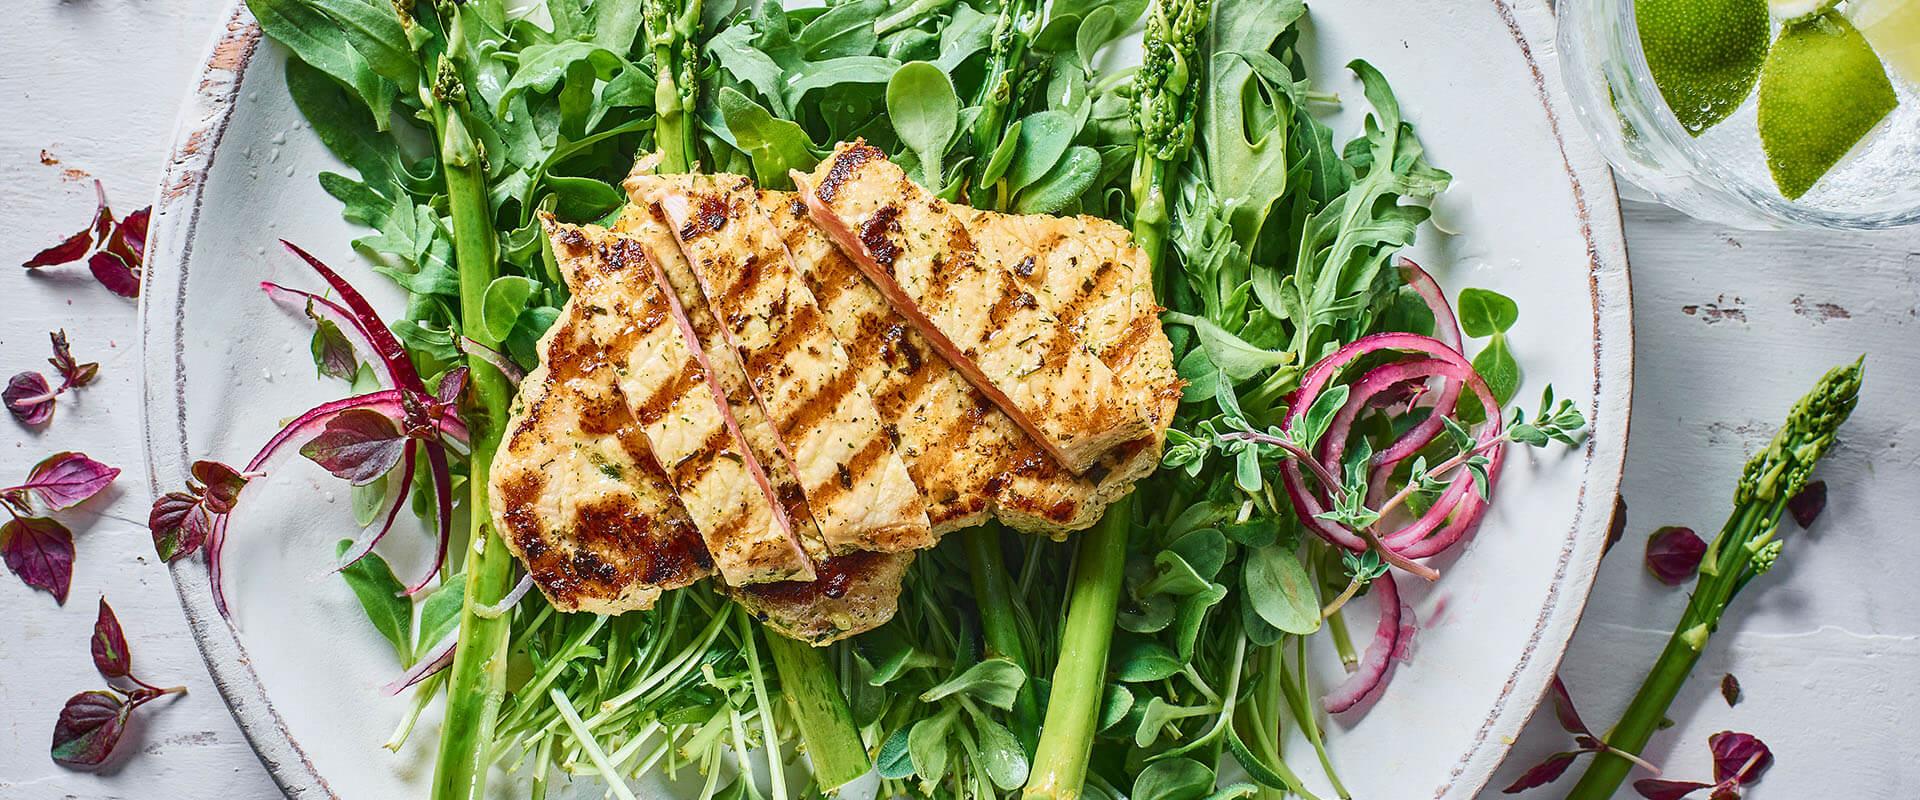 Fleisch von Schmitz - Online-Grillshop ist eröffnet! 37